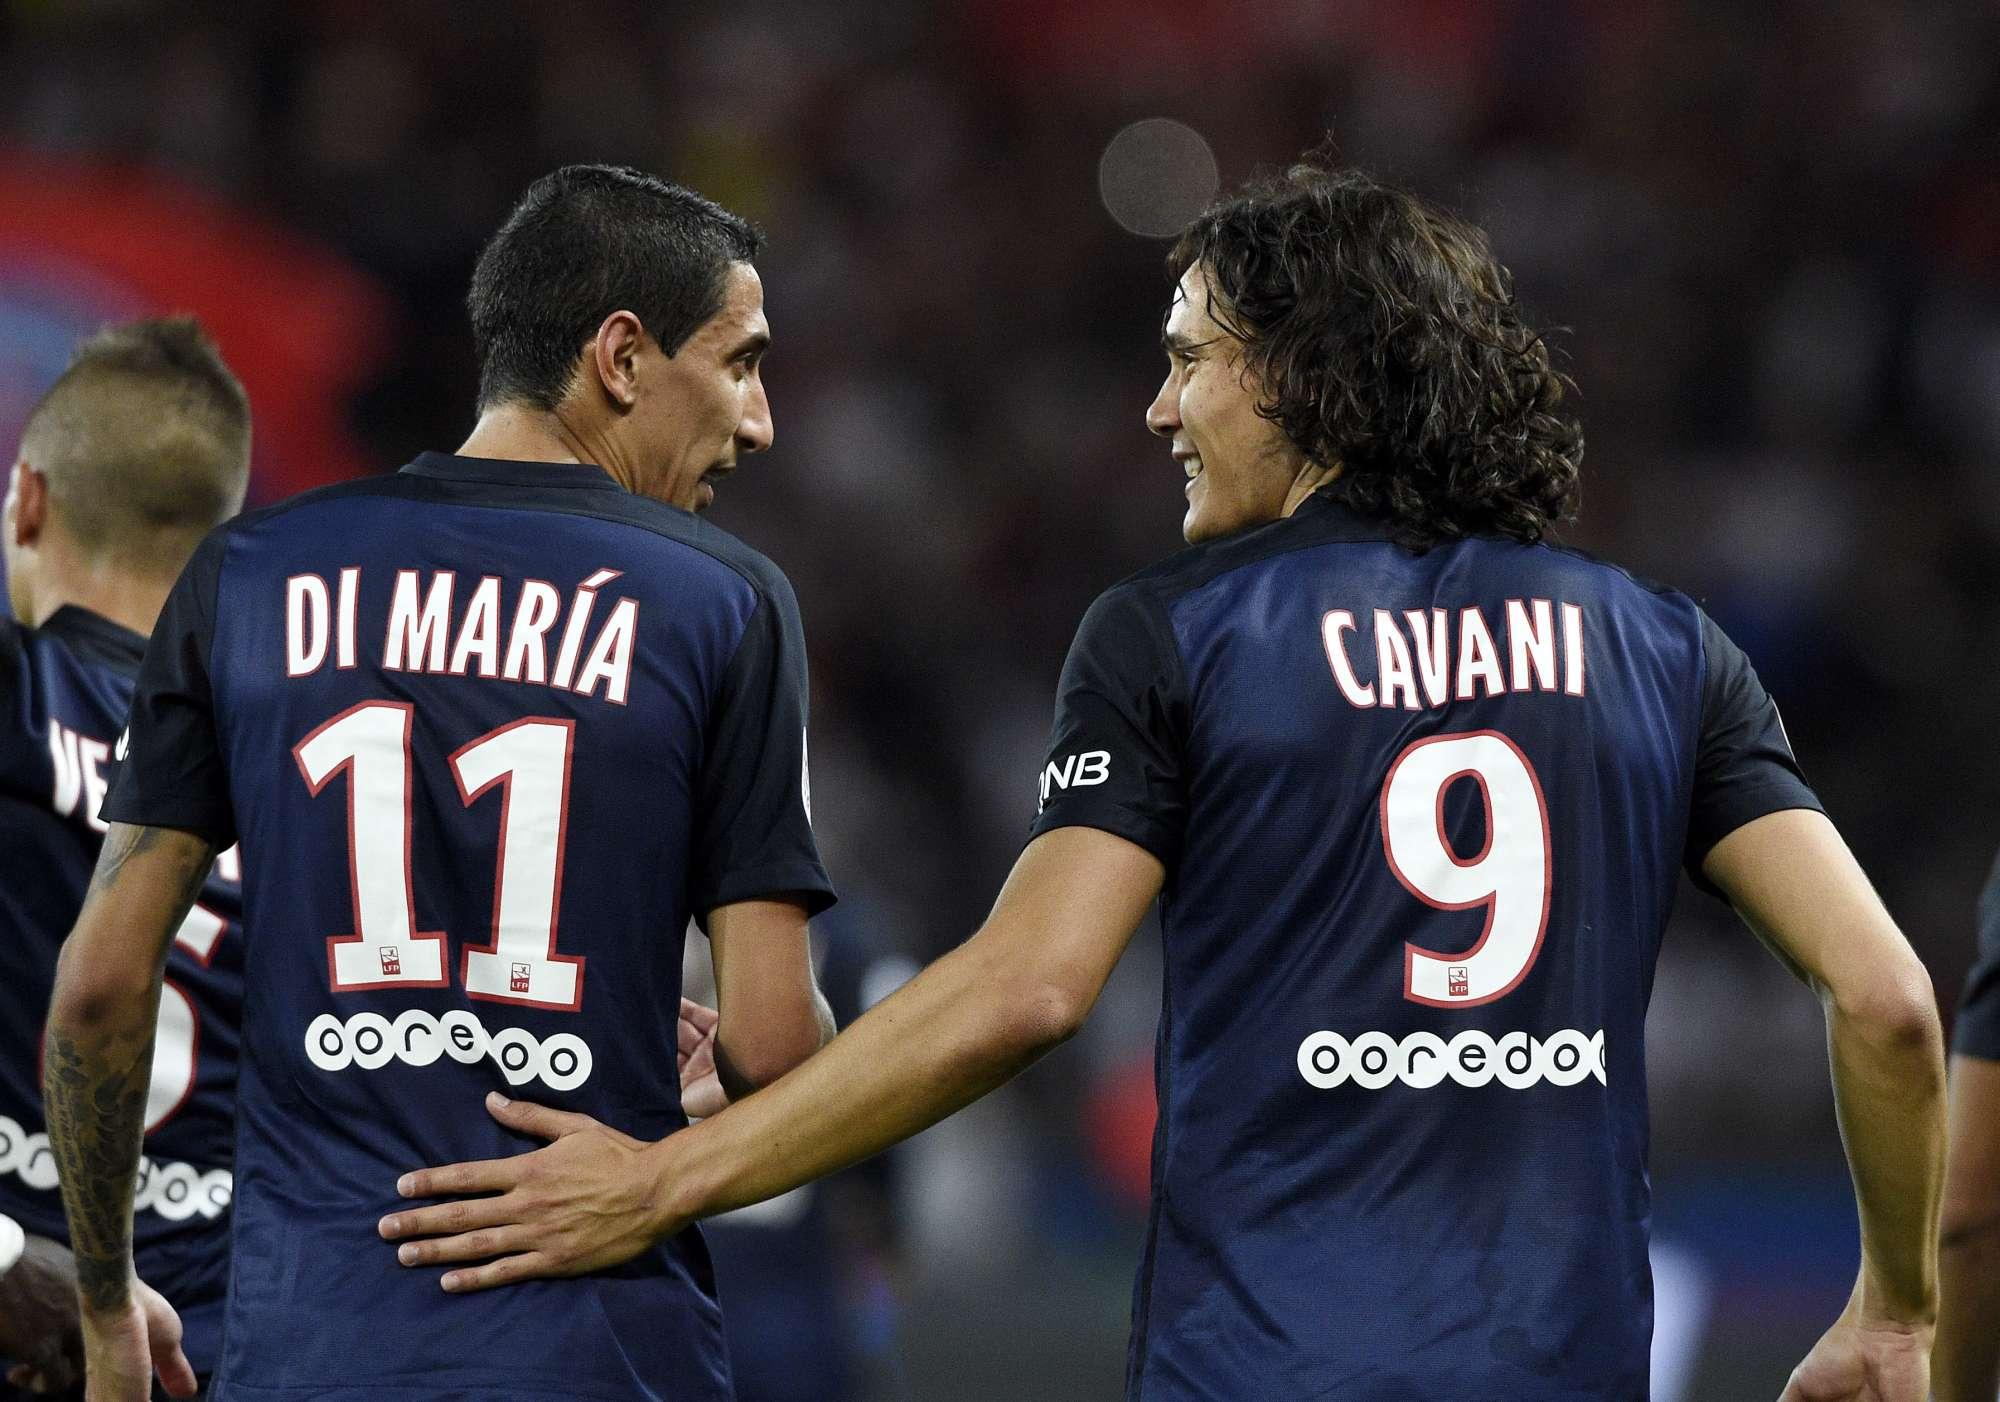 Di Maria e Cavani, due dei gioielli del PSG